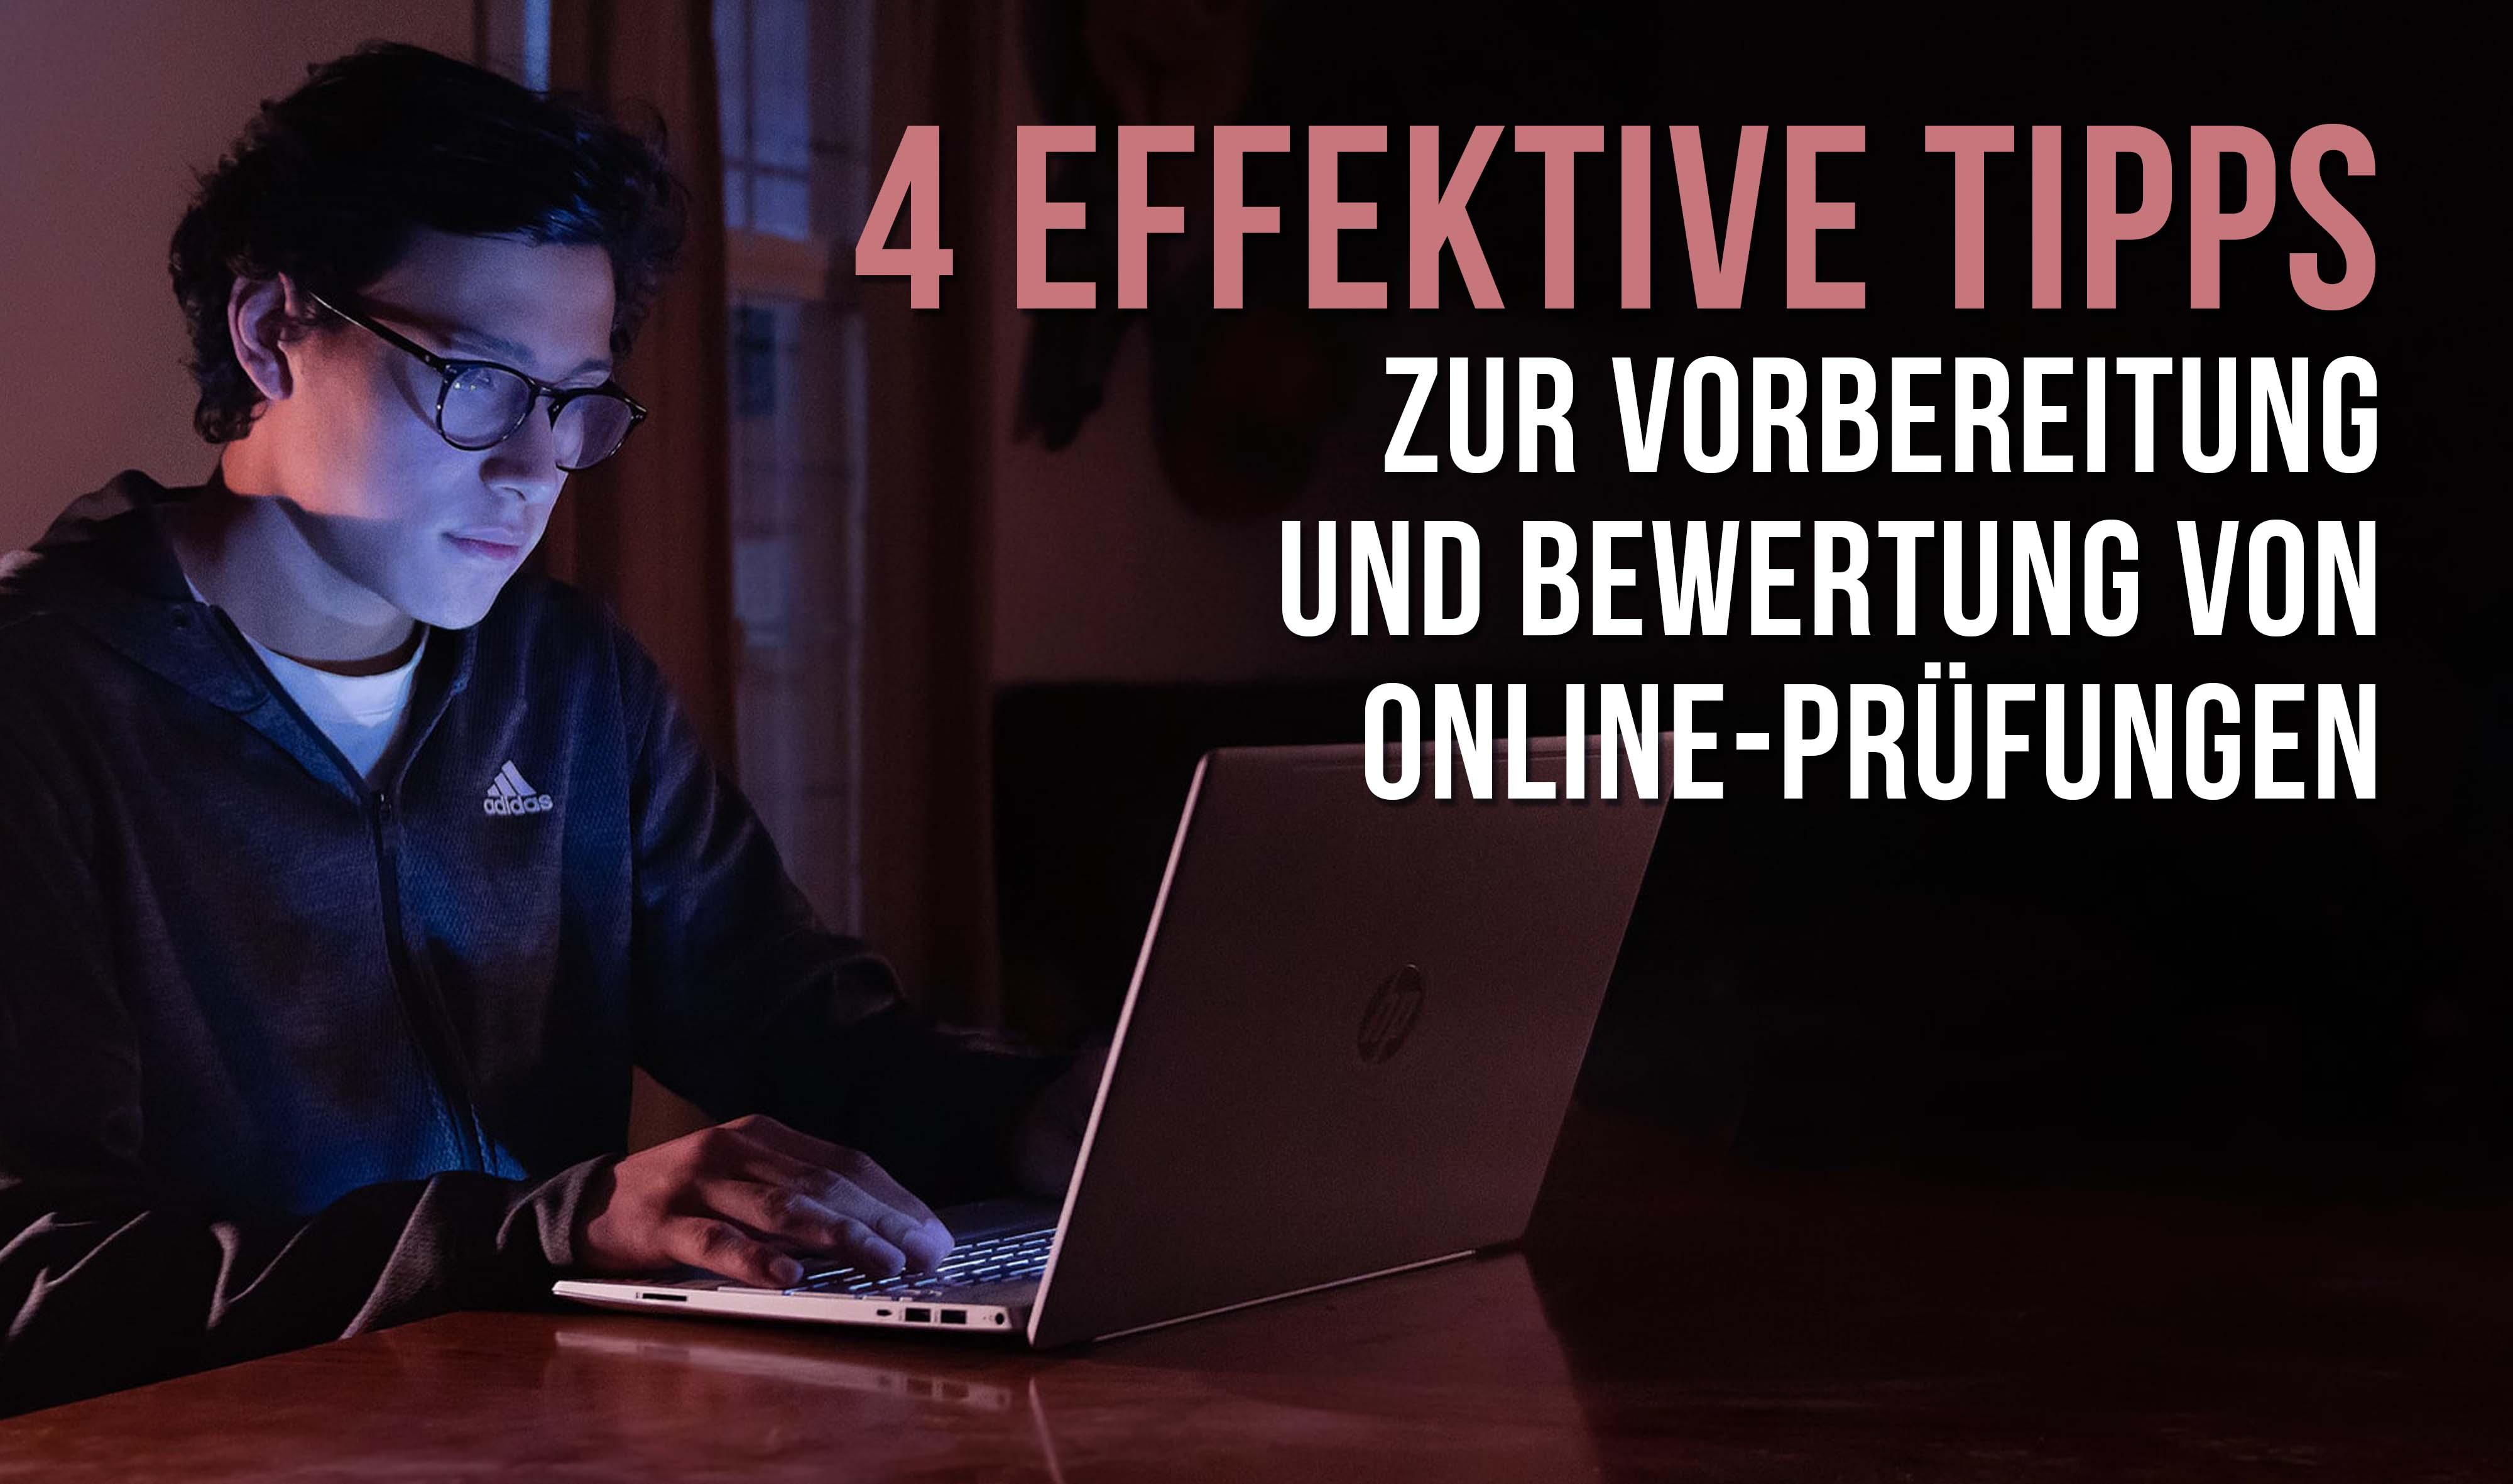 4 effektive Tips zur Vorbereitung und Bewertung von Online-Prüfungen